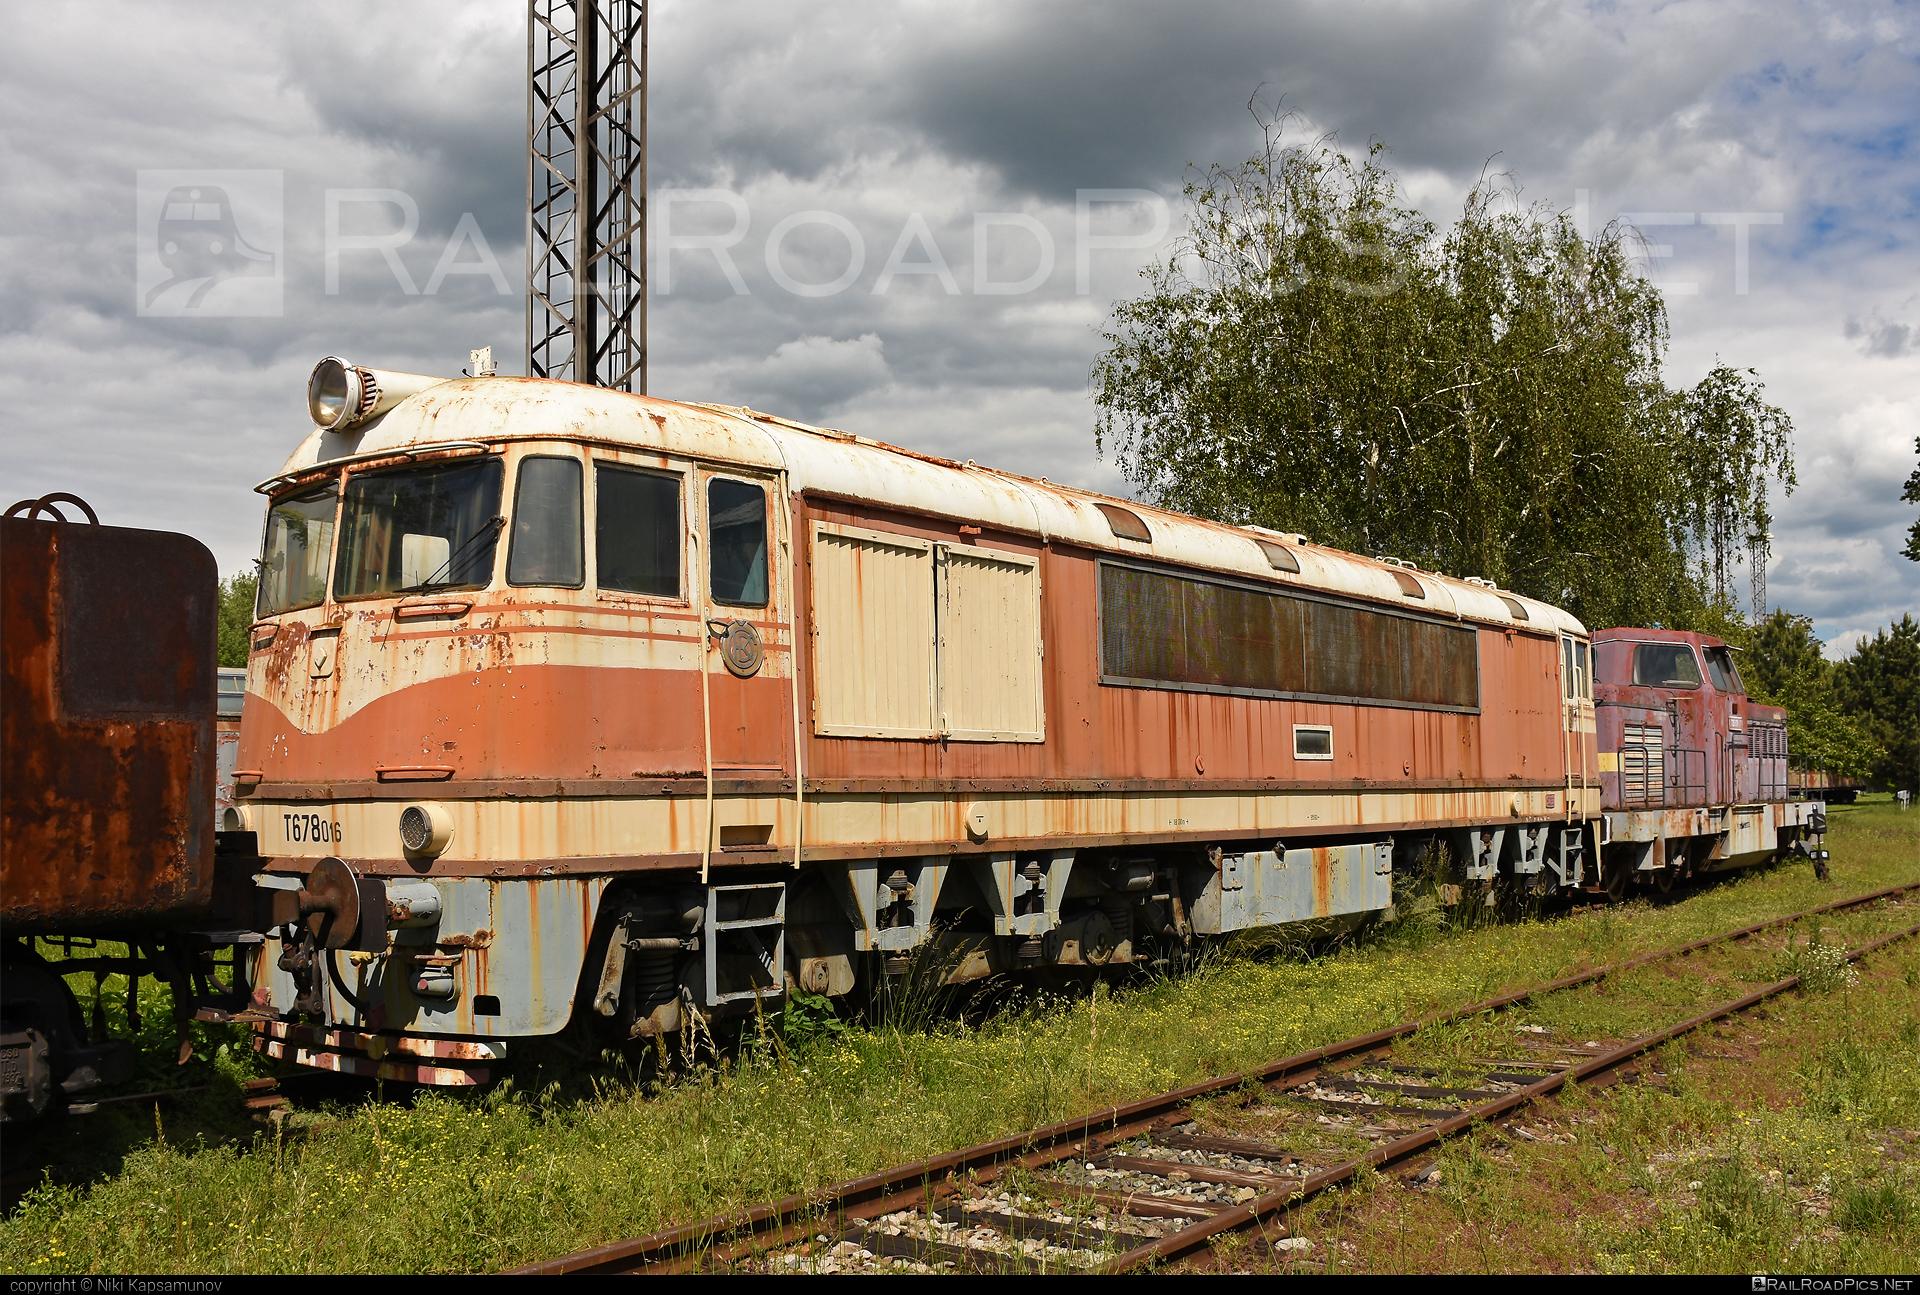 ČKD T 678.0 (775) - T678.016 operated by Železnice Slovenskej Republiky #ckd #ckd775 #csdt6780 #pomaranc #t678 #t6780 #zelezniceslovenskejrepubliky #zsr